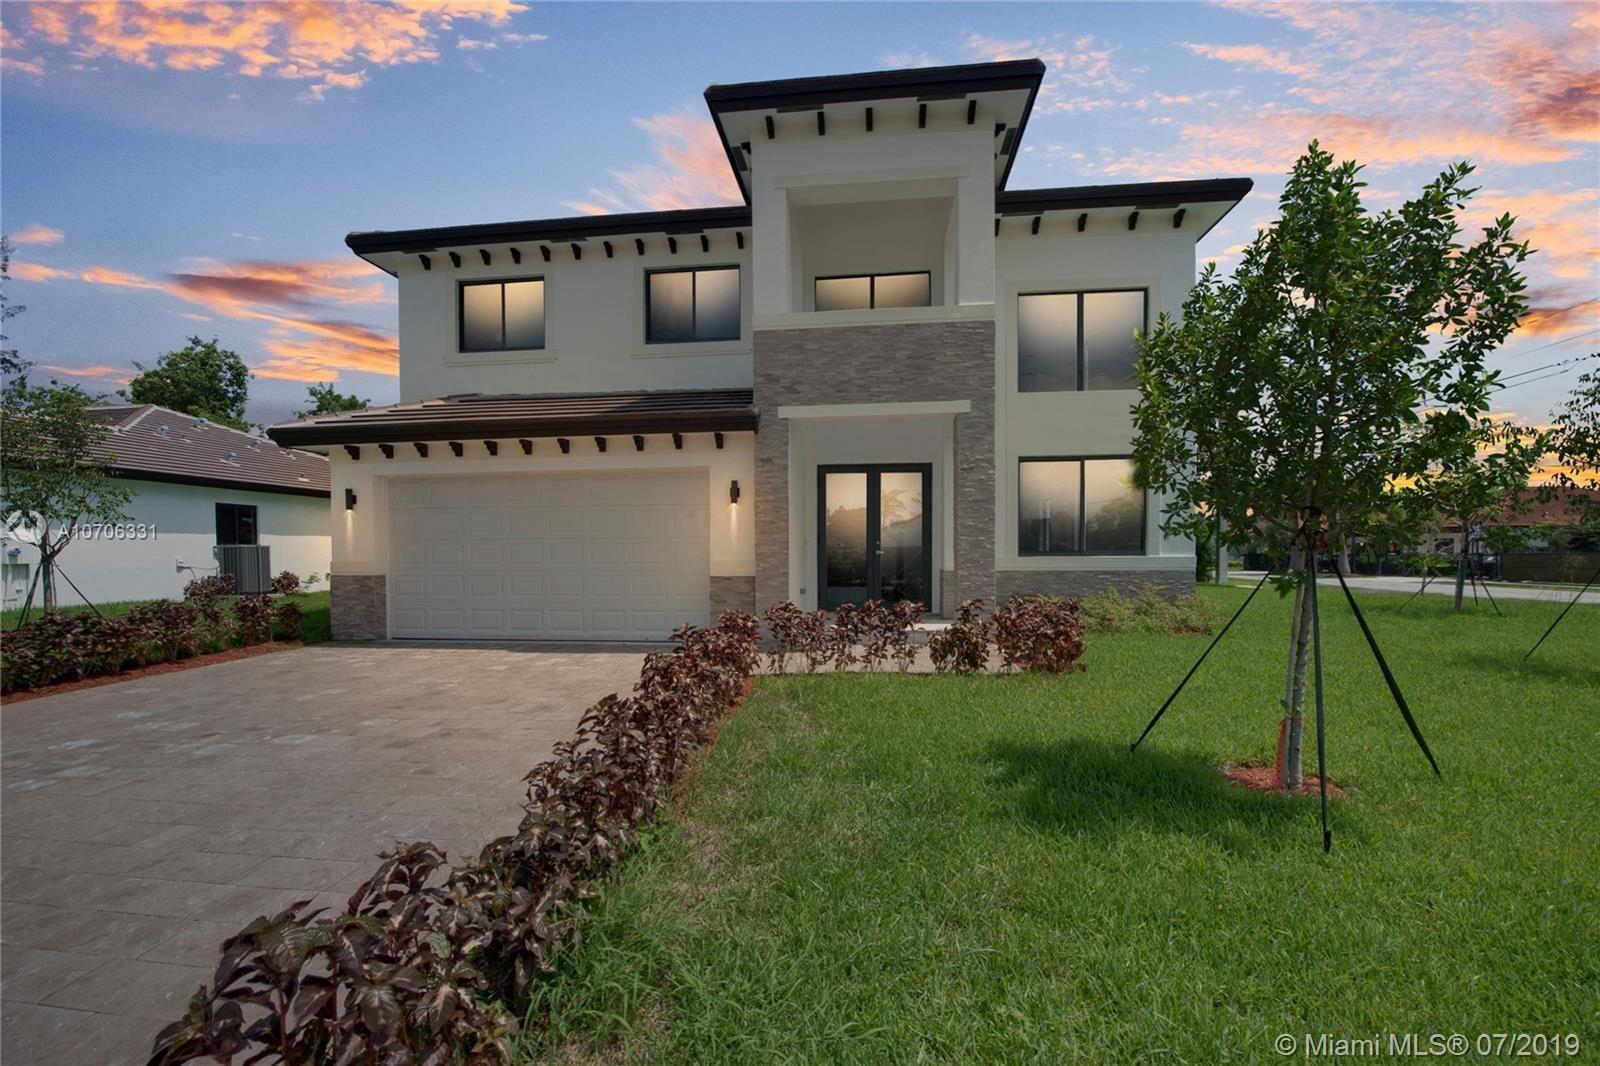 9220 SW 170th St, Palmetto Bay, FL 33157 - #: A10706331